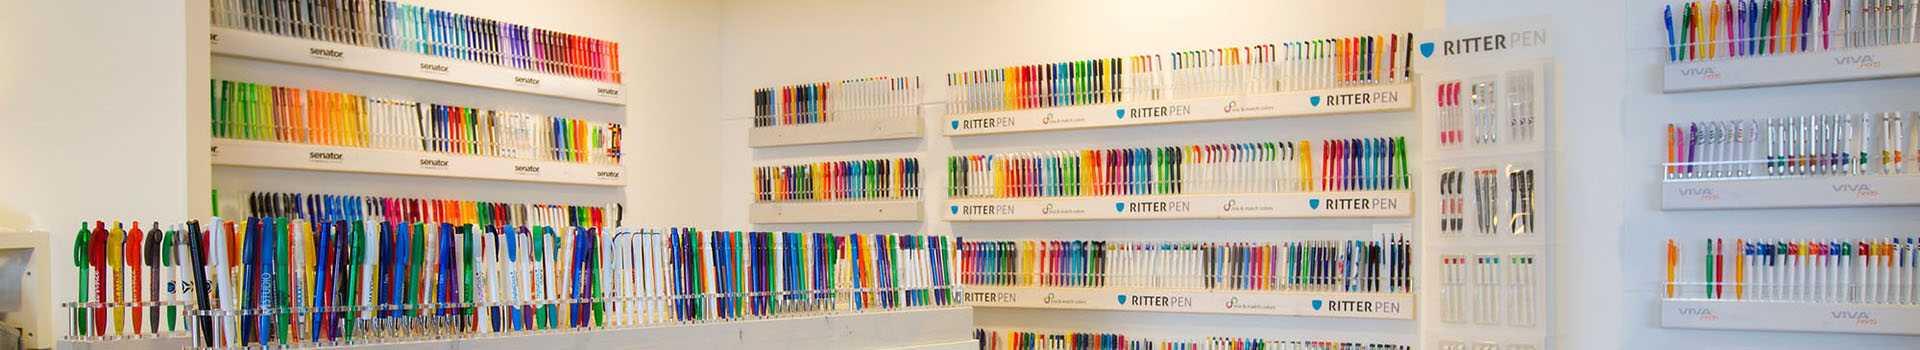 Pennen gehele collectie kan bedrukt worden